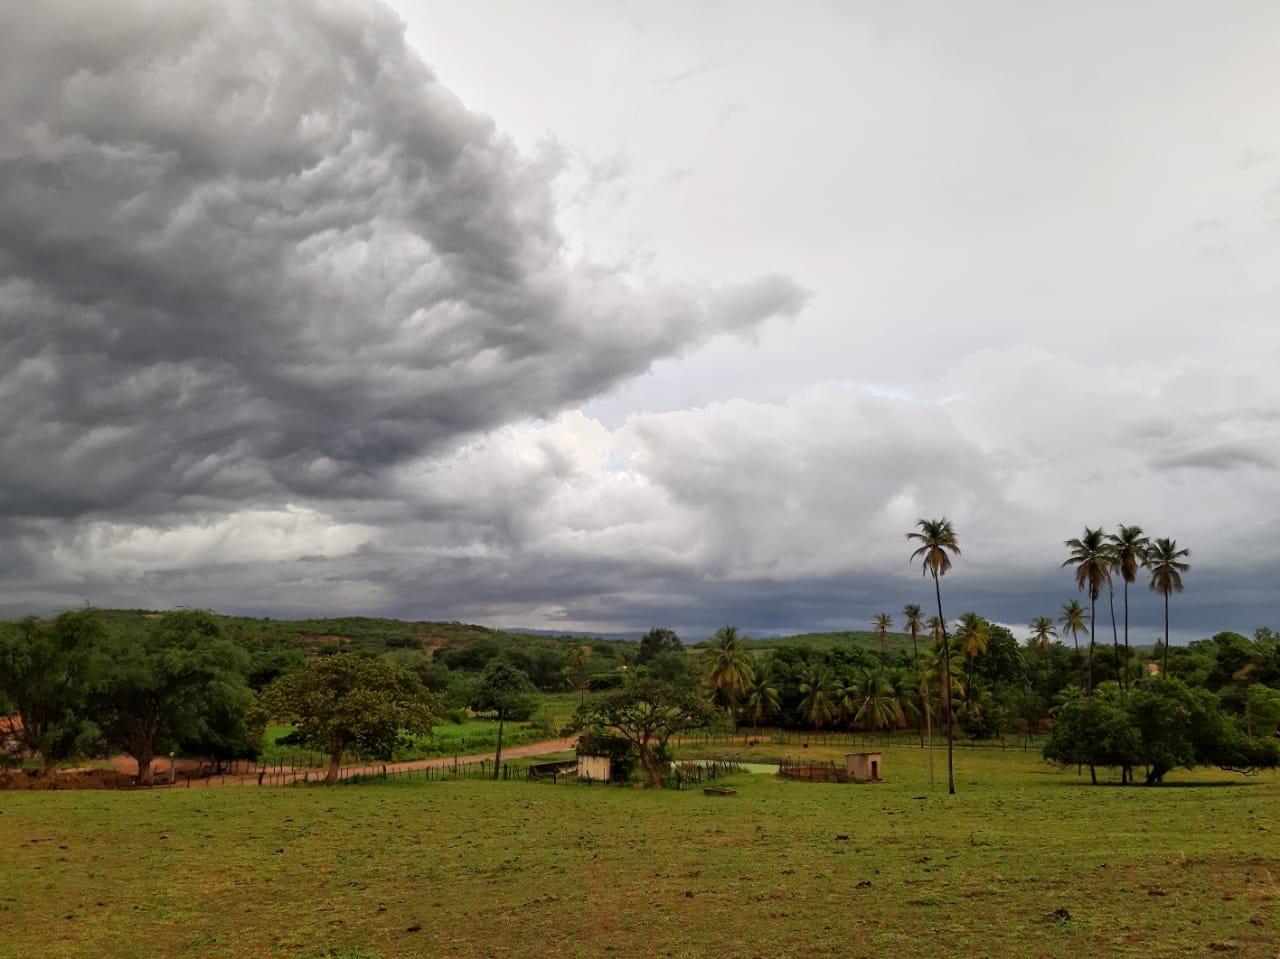 Condições atuais apontam para chances de chuva em grande parte do Estado (FOTO: Sávio Sampaio)